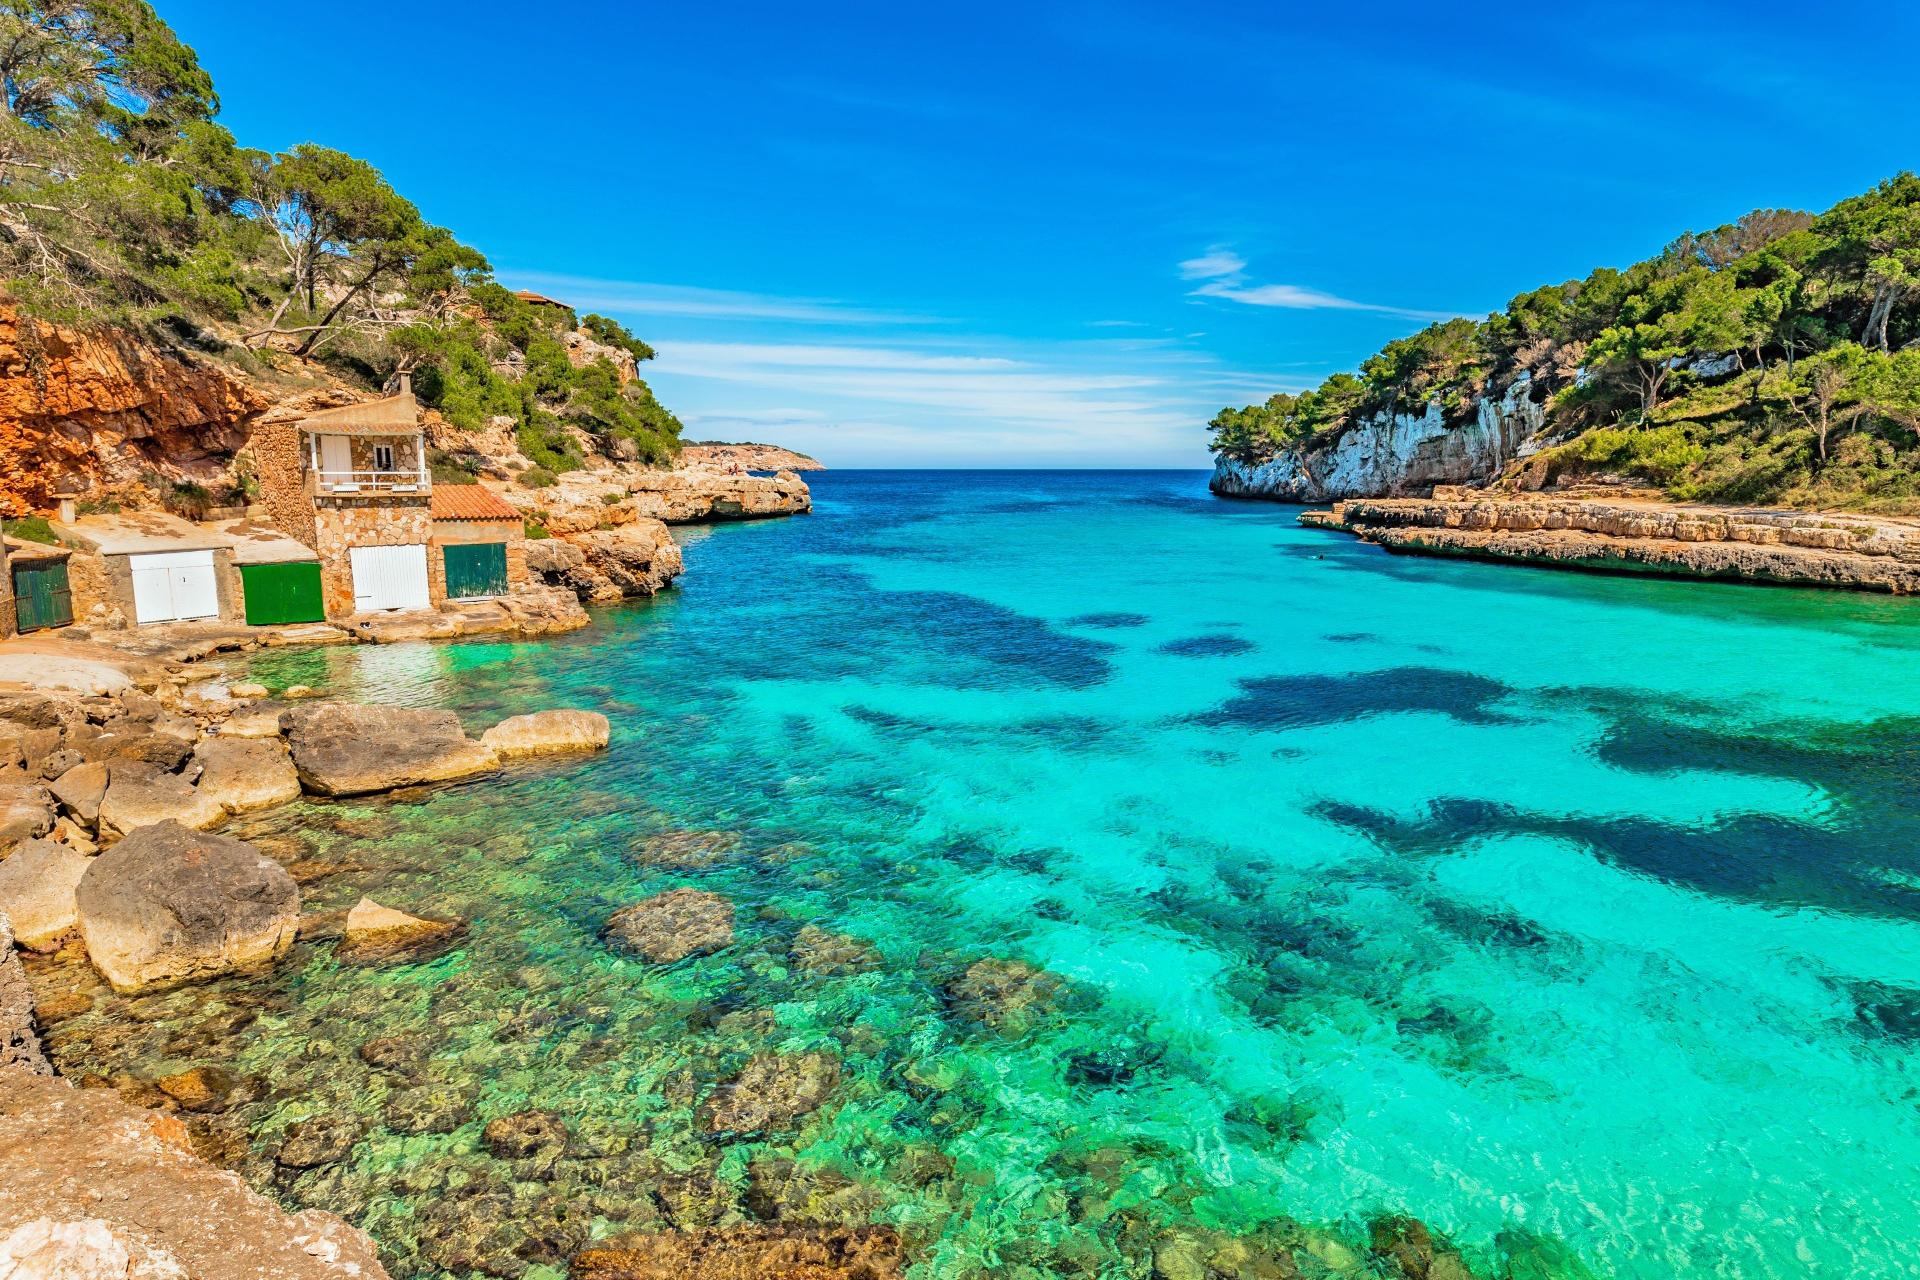 地中海 スペイン マヨルカ島の風景